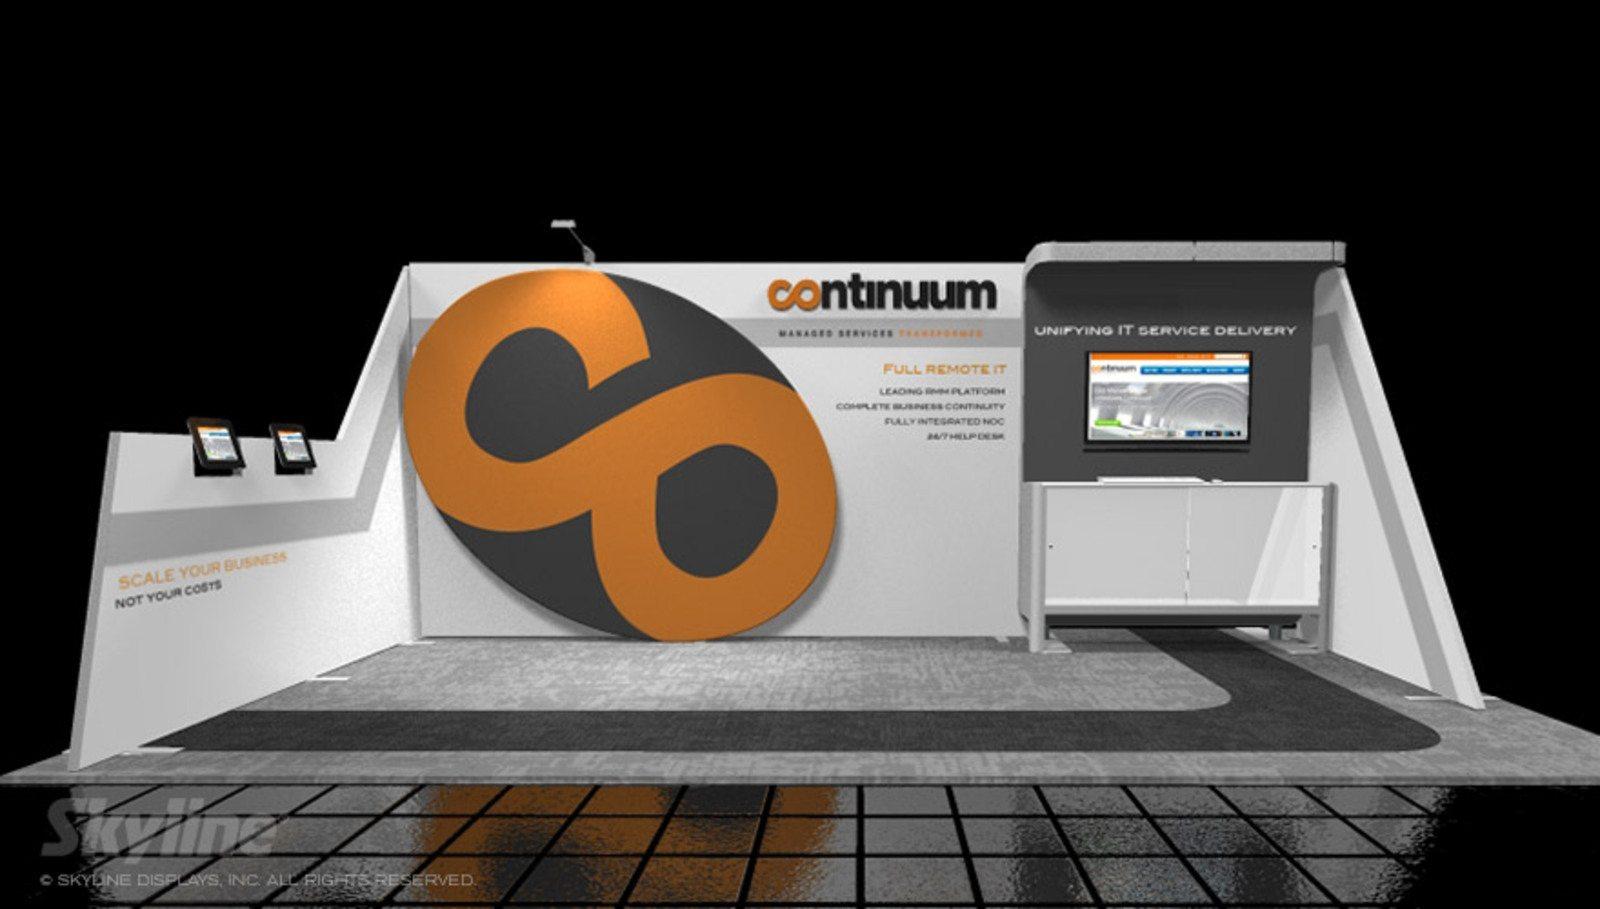 continuum_10x20_2